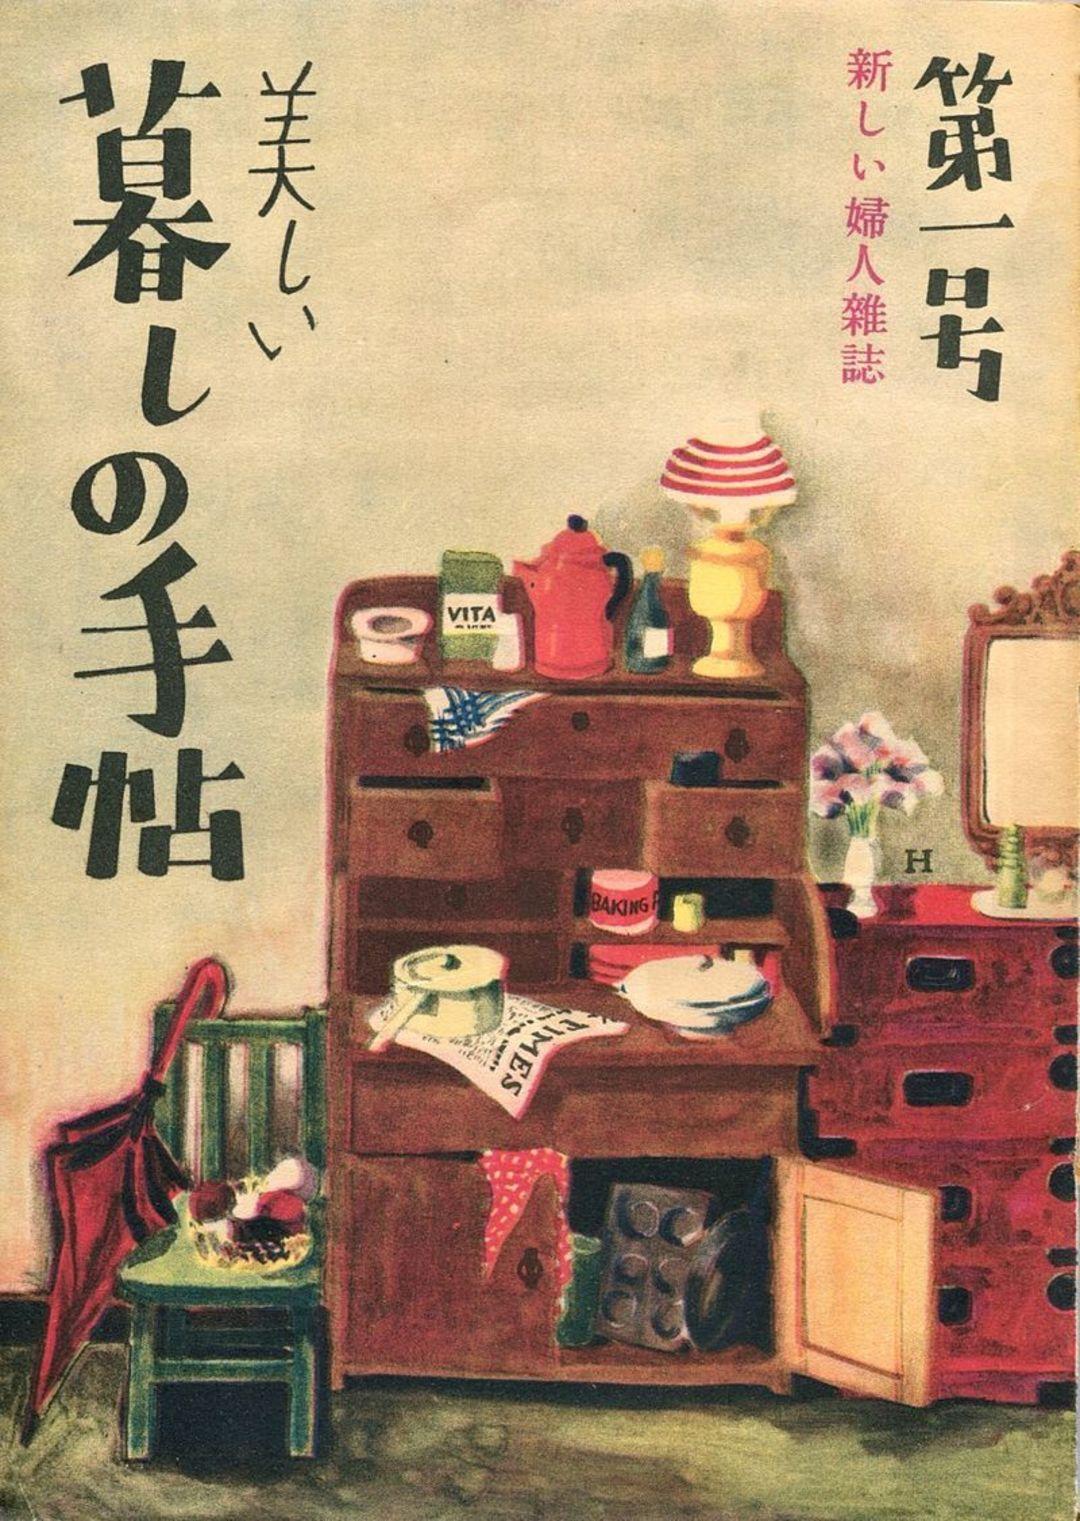 日本人推崇的 zakka,说的仅仅是生活杂货这么简单的事吗?_文化_好奇心日报